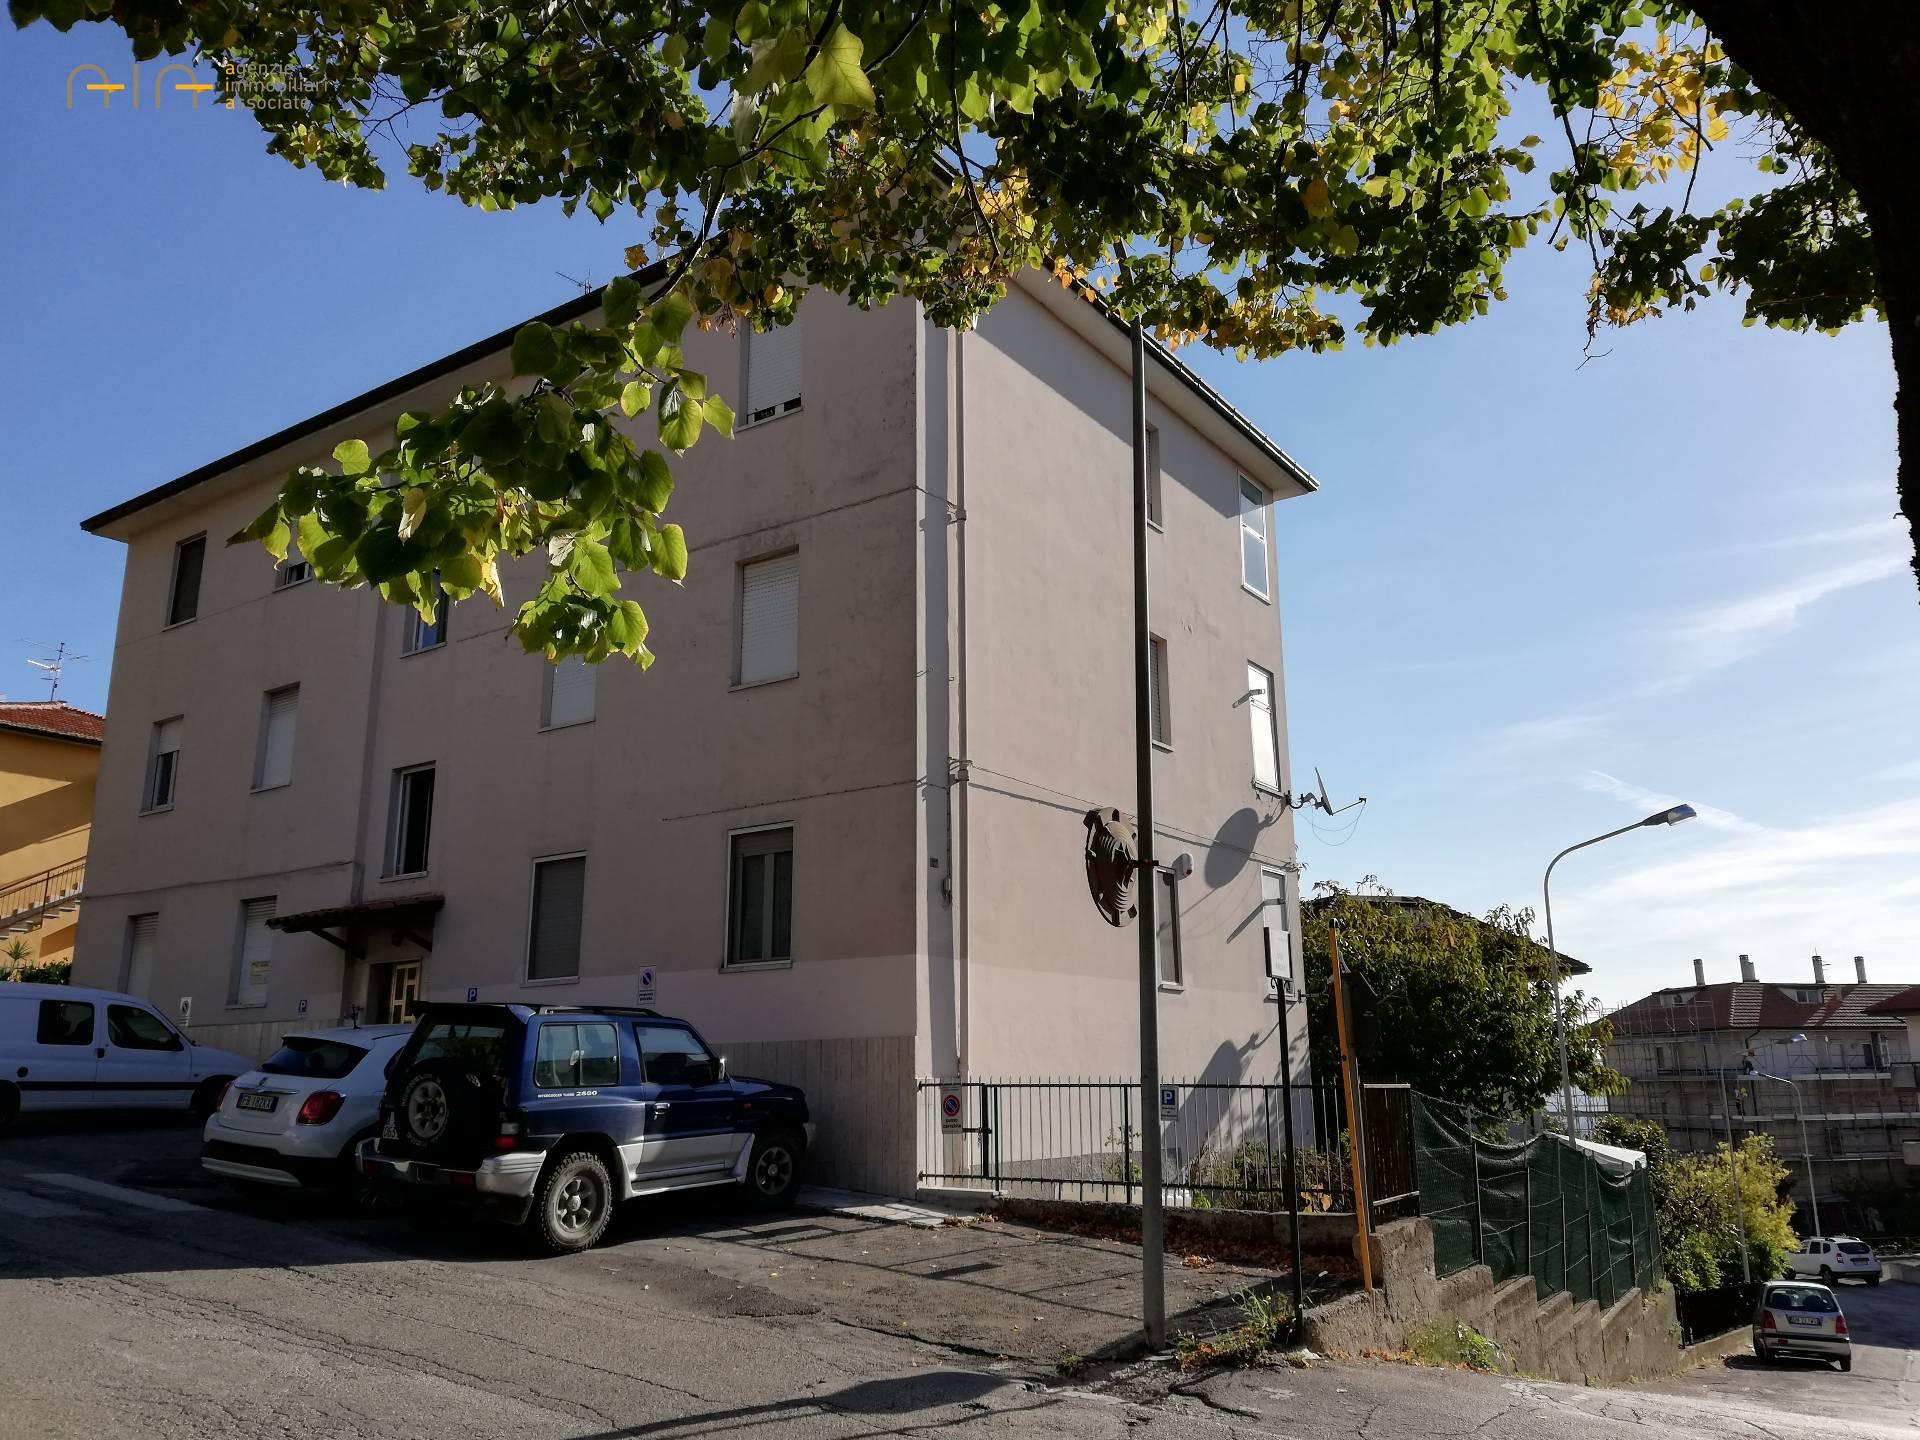 Appartamento in vendita a Castel di Lama, 2 locali, zona Località: Sambuco, prezzo € 65.000 | CambioCasa.it